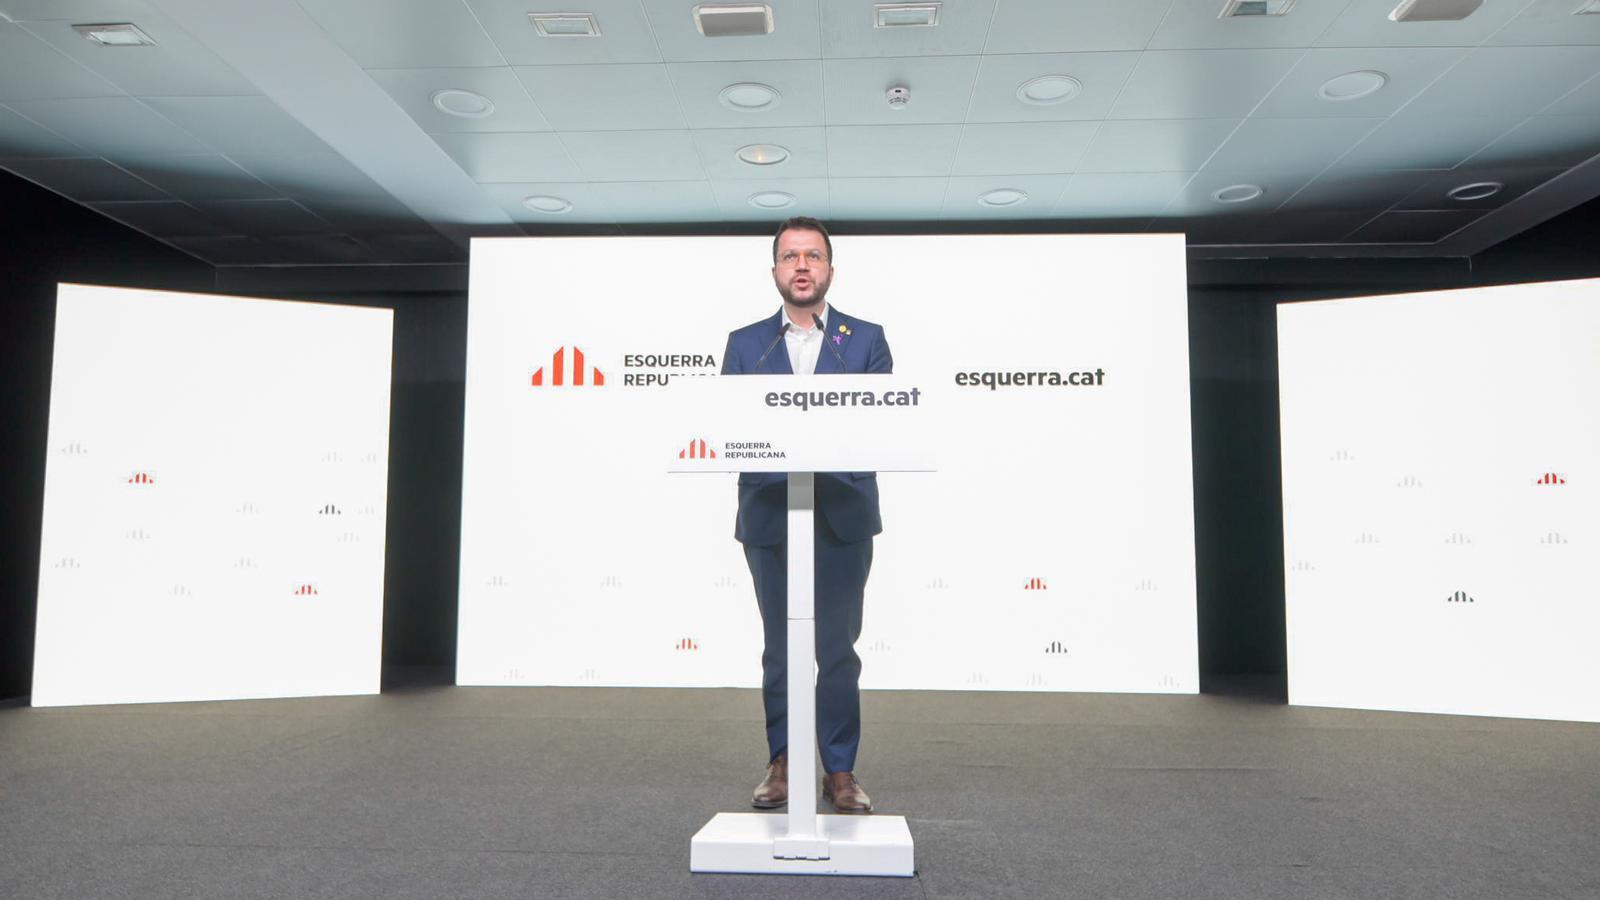 El acuerdo ERC y PSOE prevé que Catalunya reciba 2.339 millones de euros en inversiones en 2021